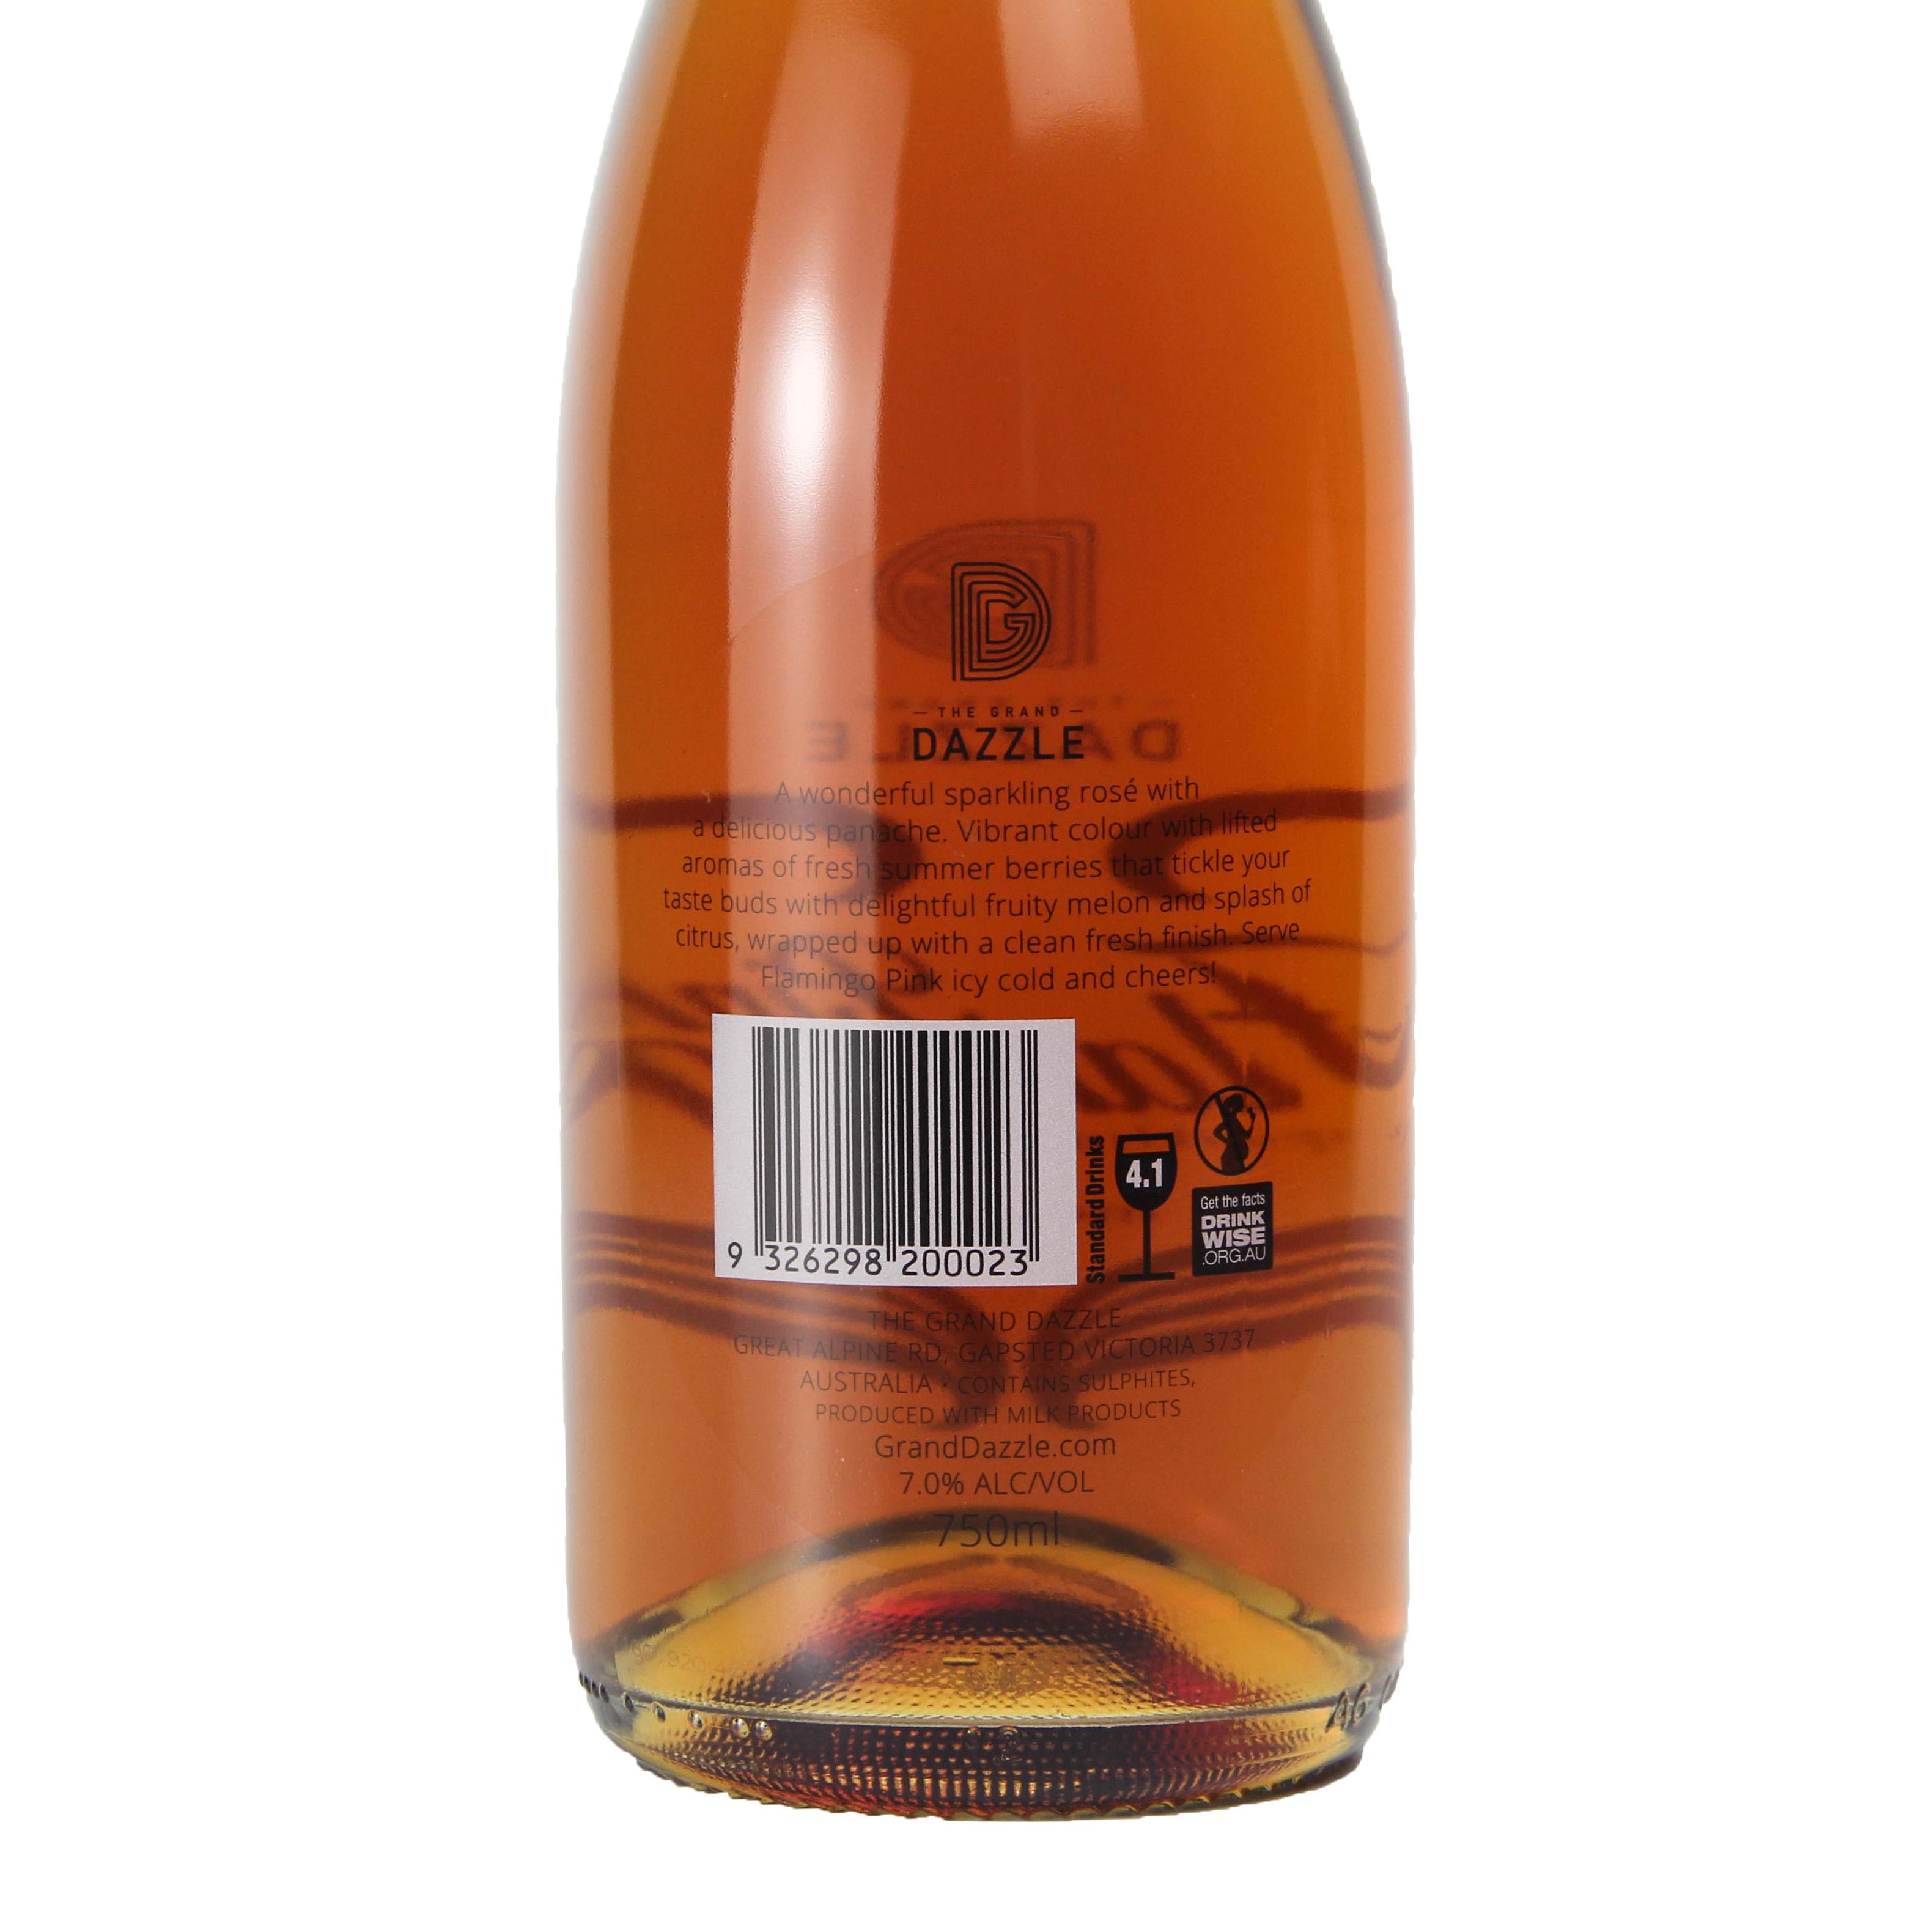 澳大利亚西澳格兰达斯 粉红火烈鸟桃红起泡葡萄酒